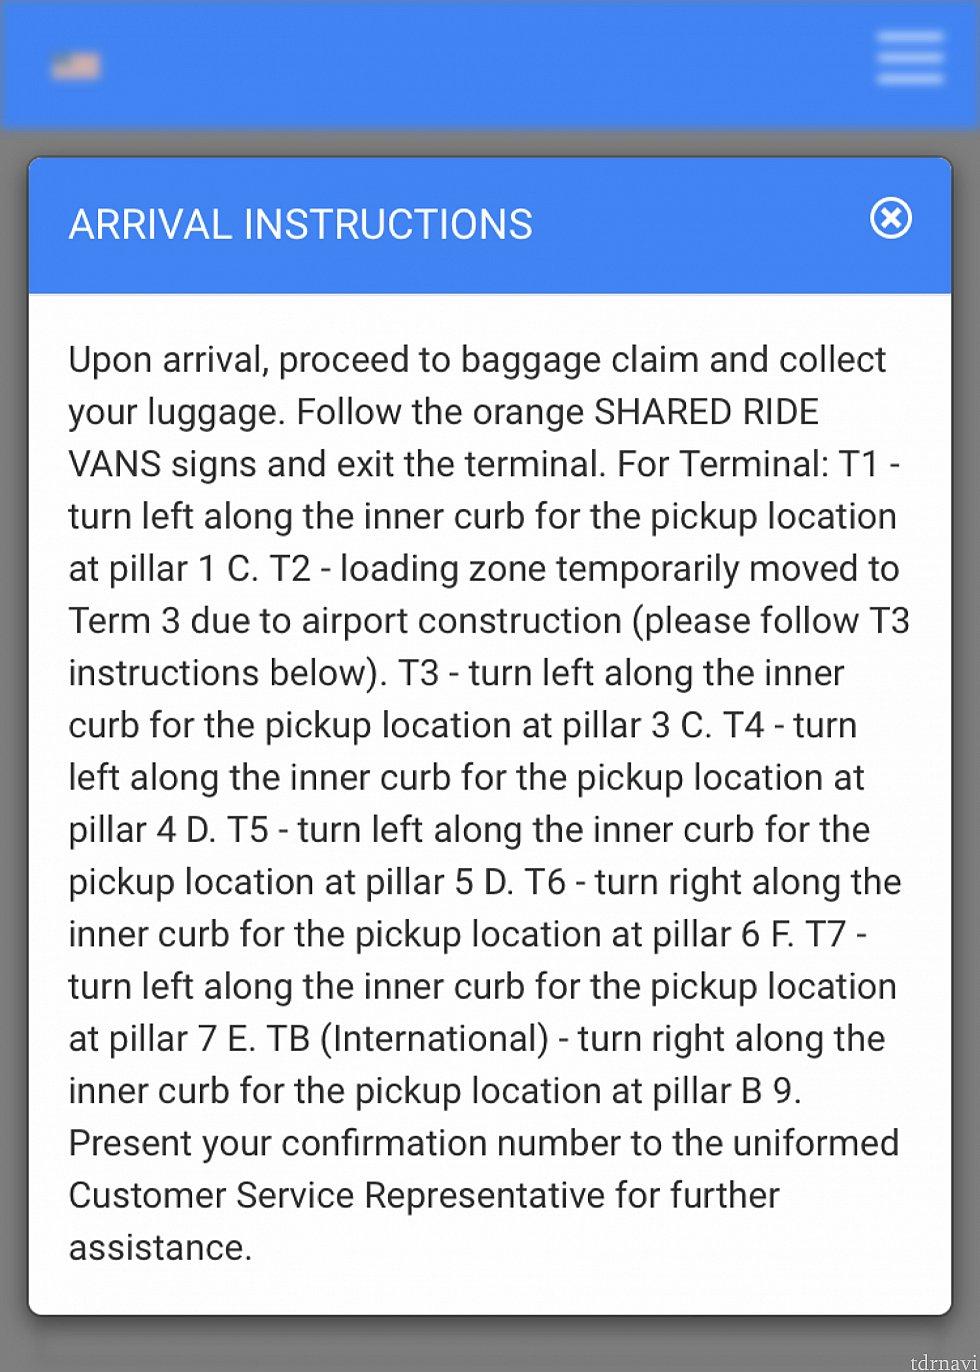 LAXにはターミナルが9つあります。ターミナルごとにスーパーシャトルの乗り場がどこにあるか書かれています。私は到着時にセルフチェックインをしたおかげで運転手がゲートまで迎えに来てくれていて助かりました!